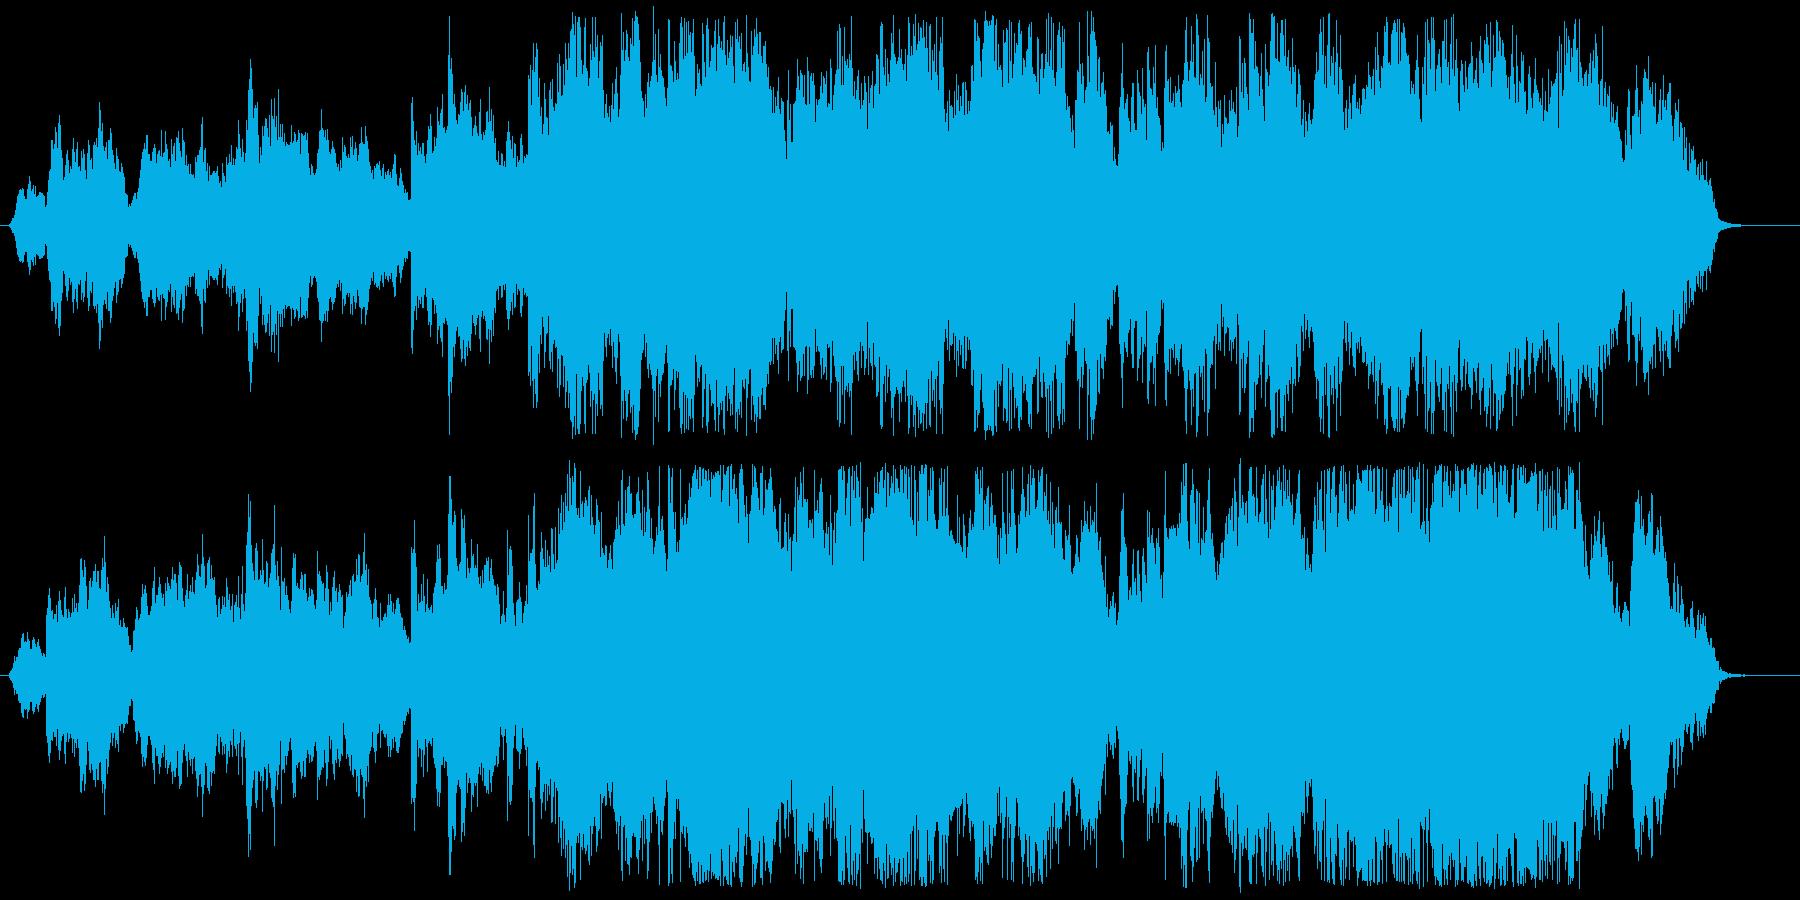 チェロの旋律が壮大に広がるオーケストラ曲の再生済みの波形